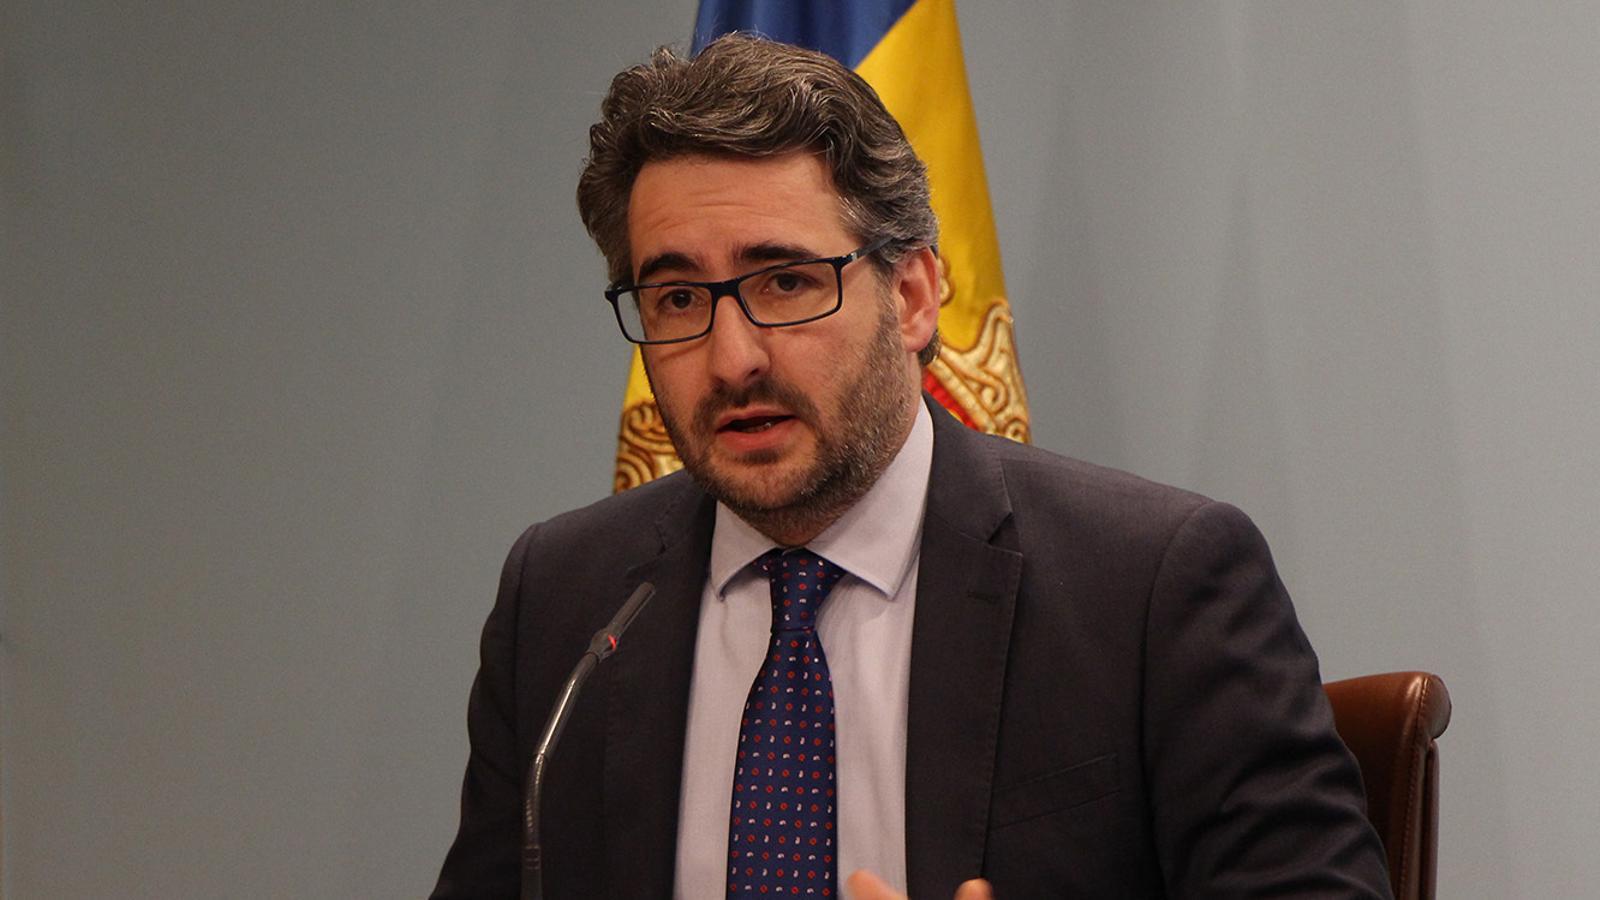 El ministre portaveu, Eric Jover, a la roda de premsa posterior al consell de ministres. / M. F. (ANA)